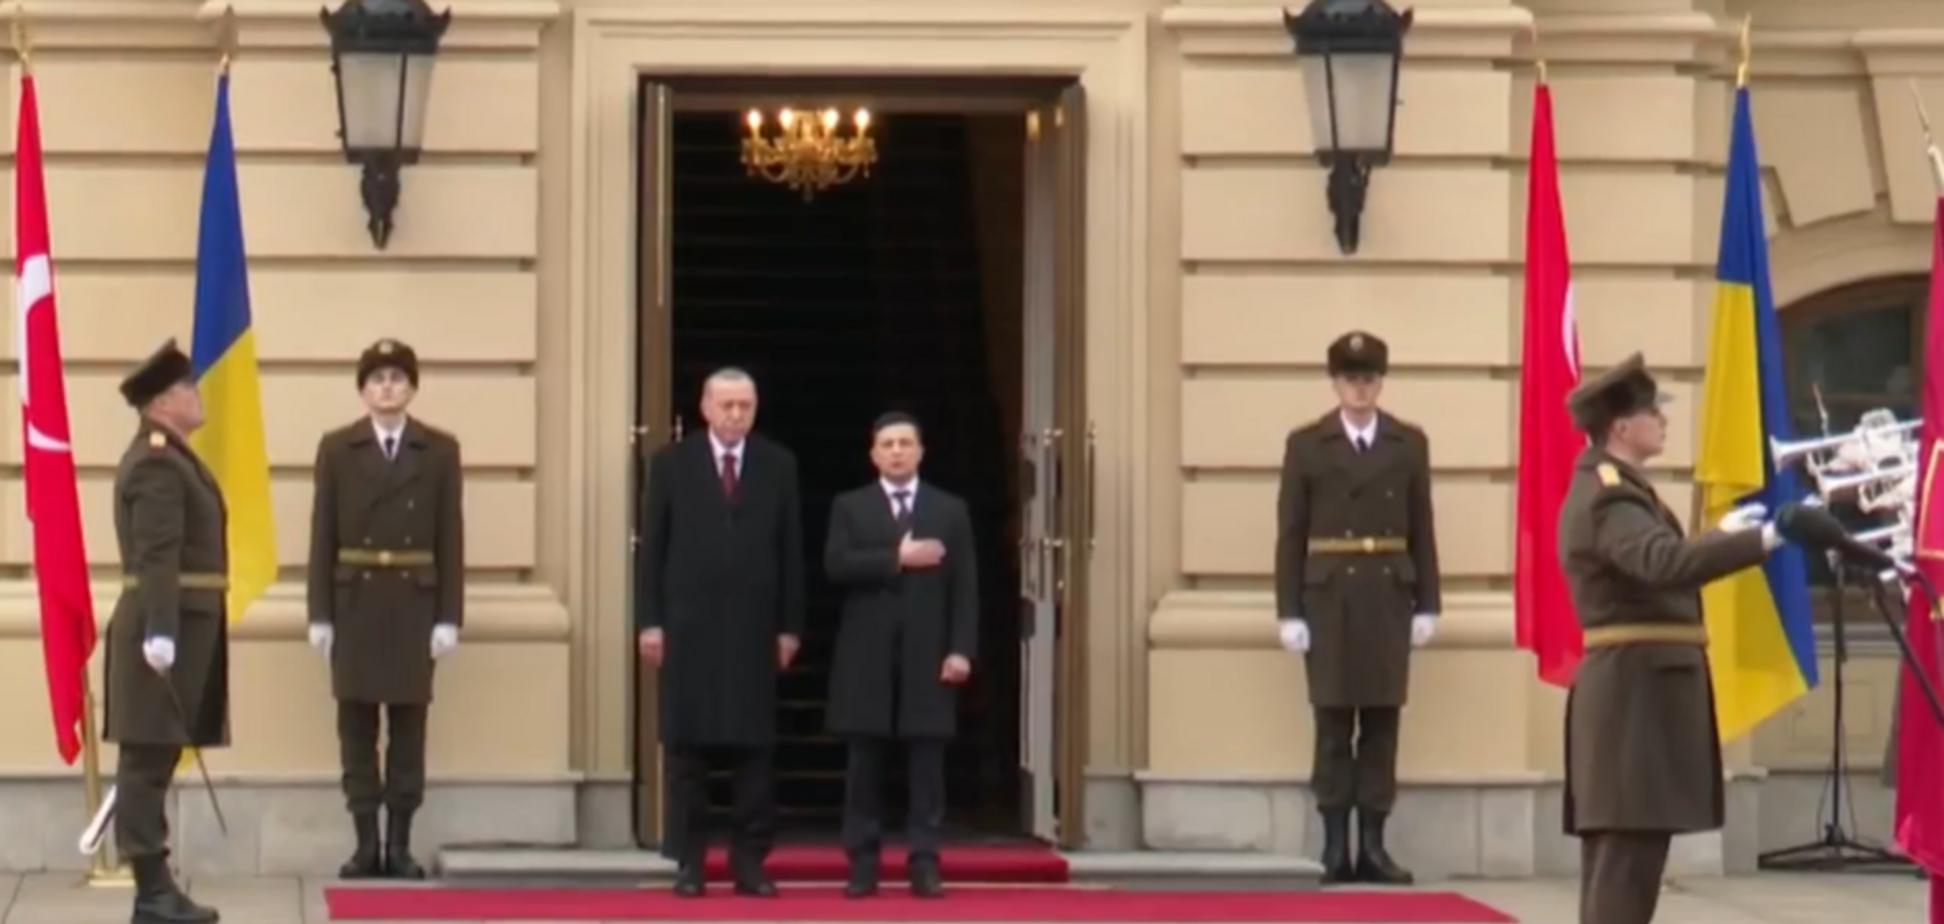 Ердоган прилетів до Зеленського у Київ: перші фото і відео